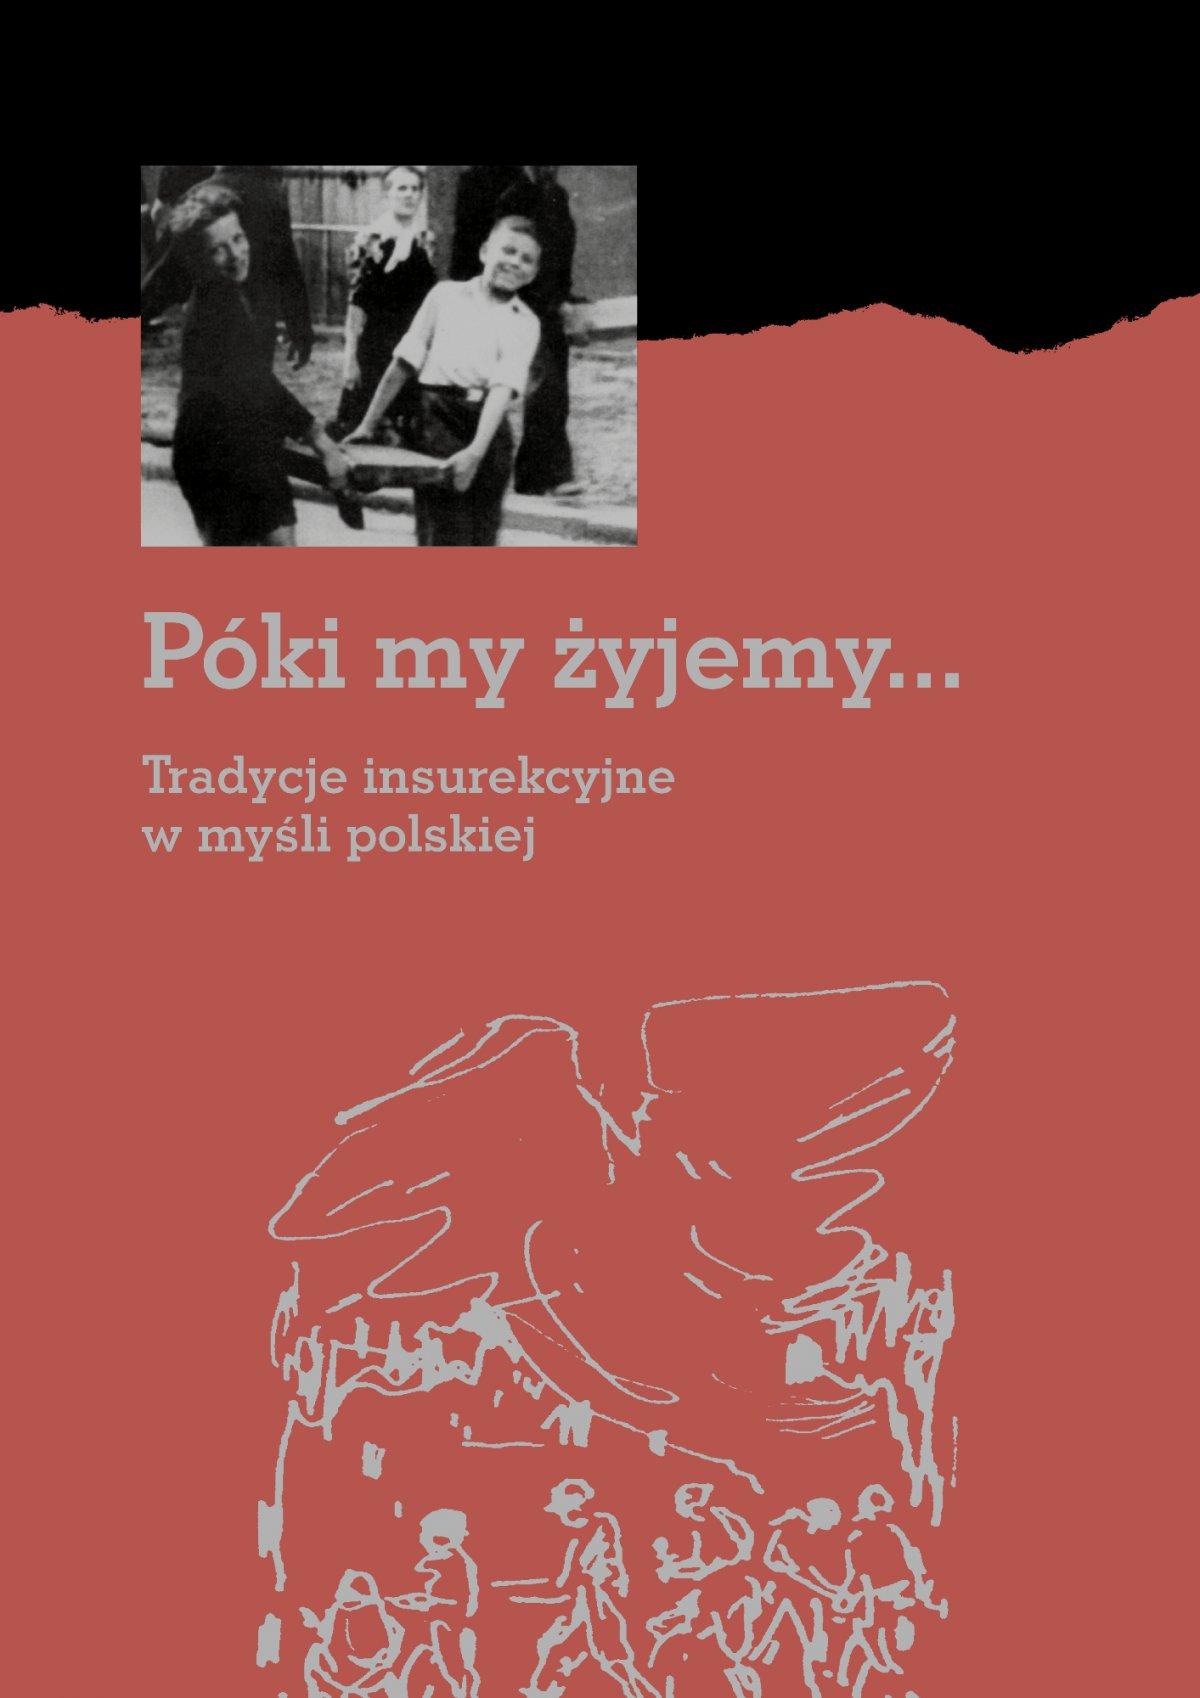 Póki my żyjemy... Tradycje insurekcyjne w myśli polskiej - Ebook (Książka PDF) do pobrania w formacie PDF